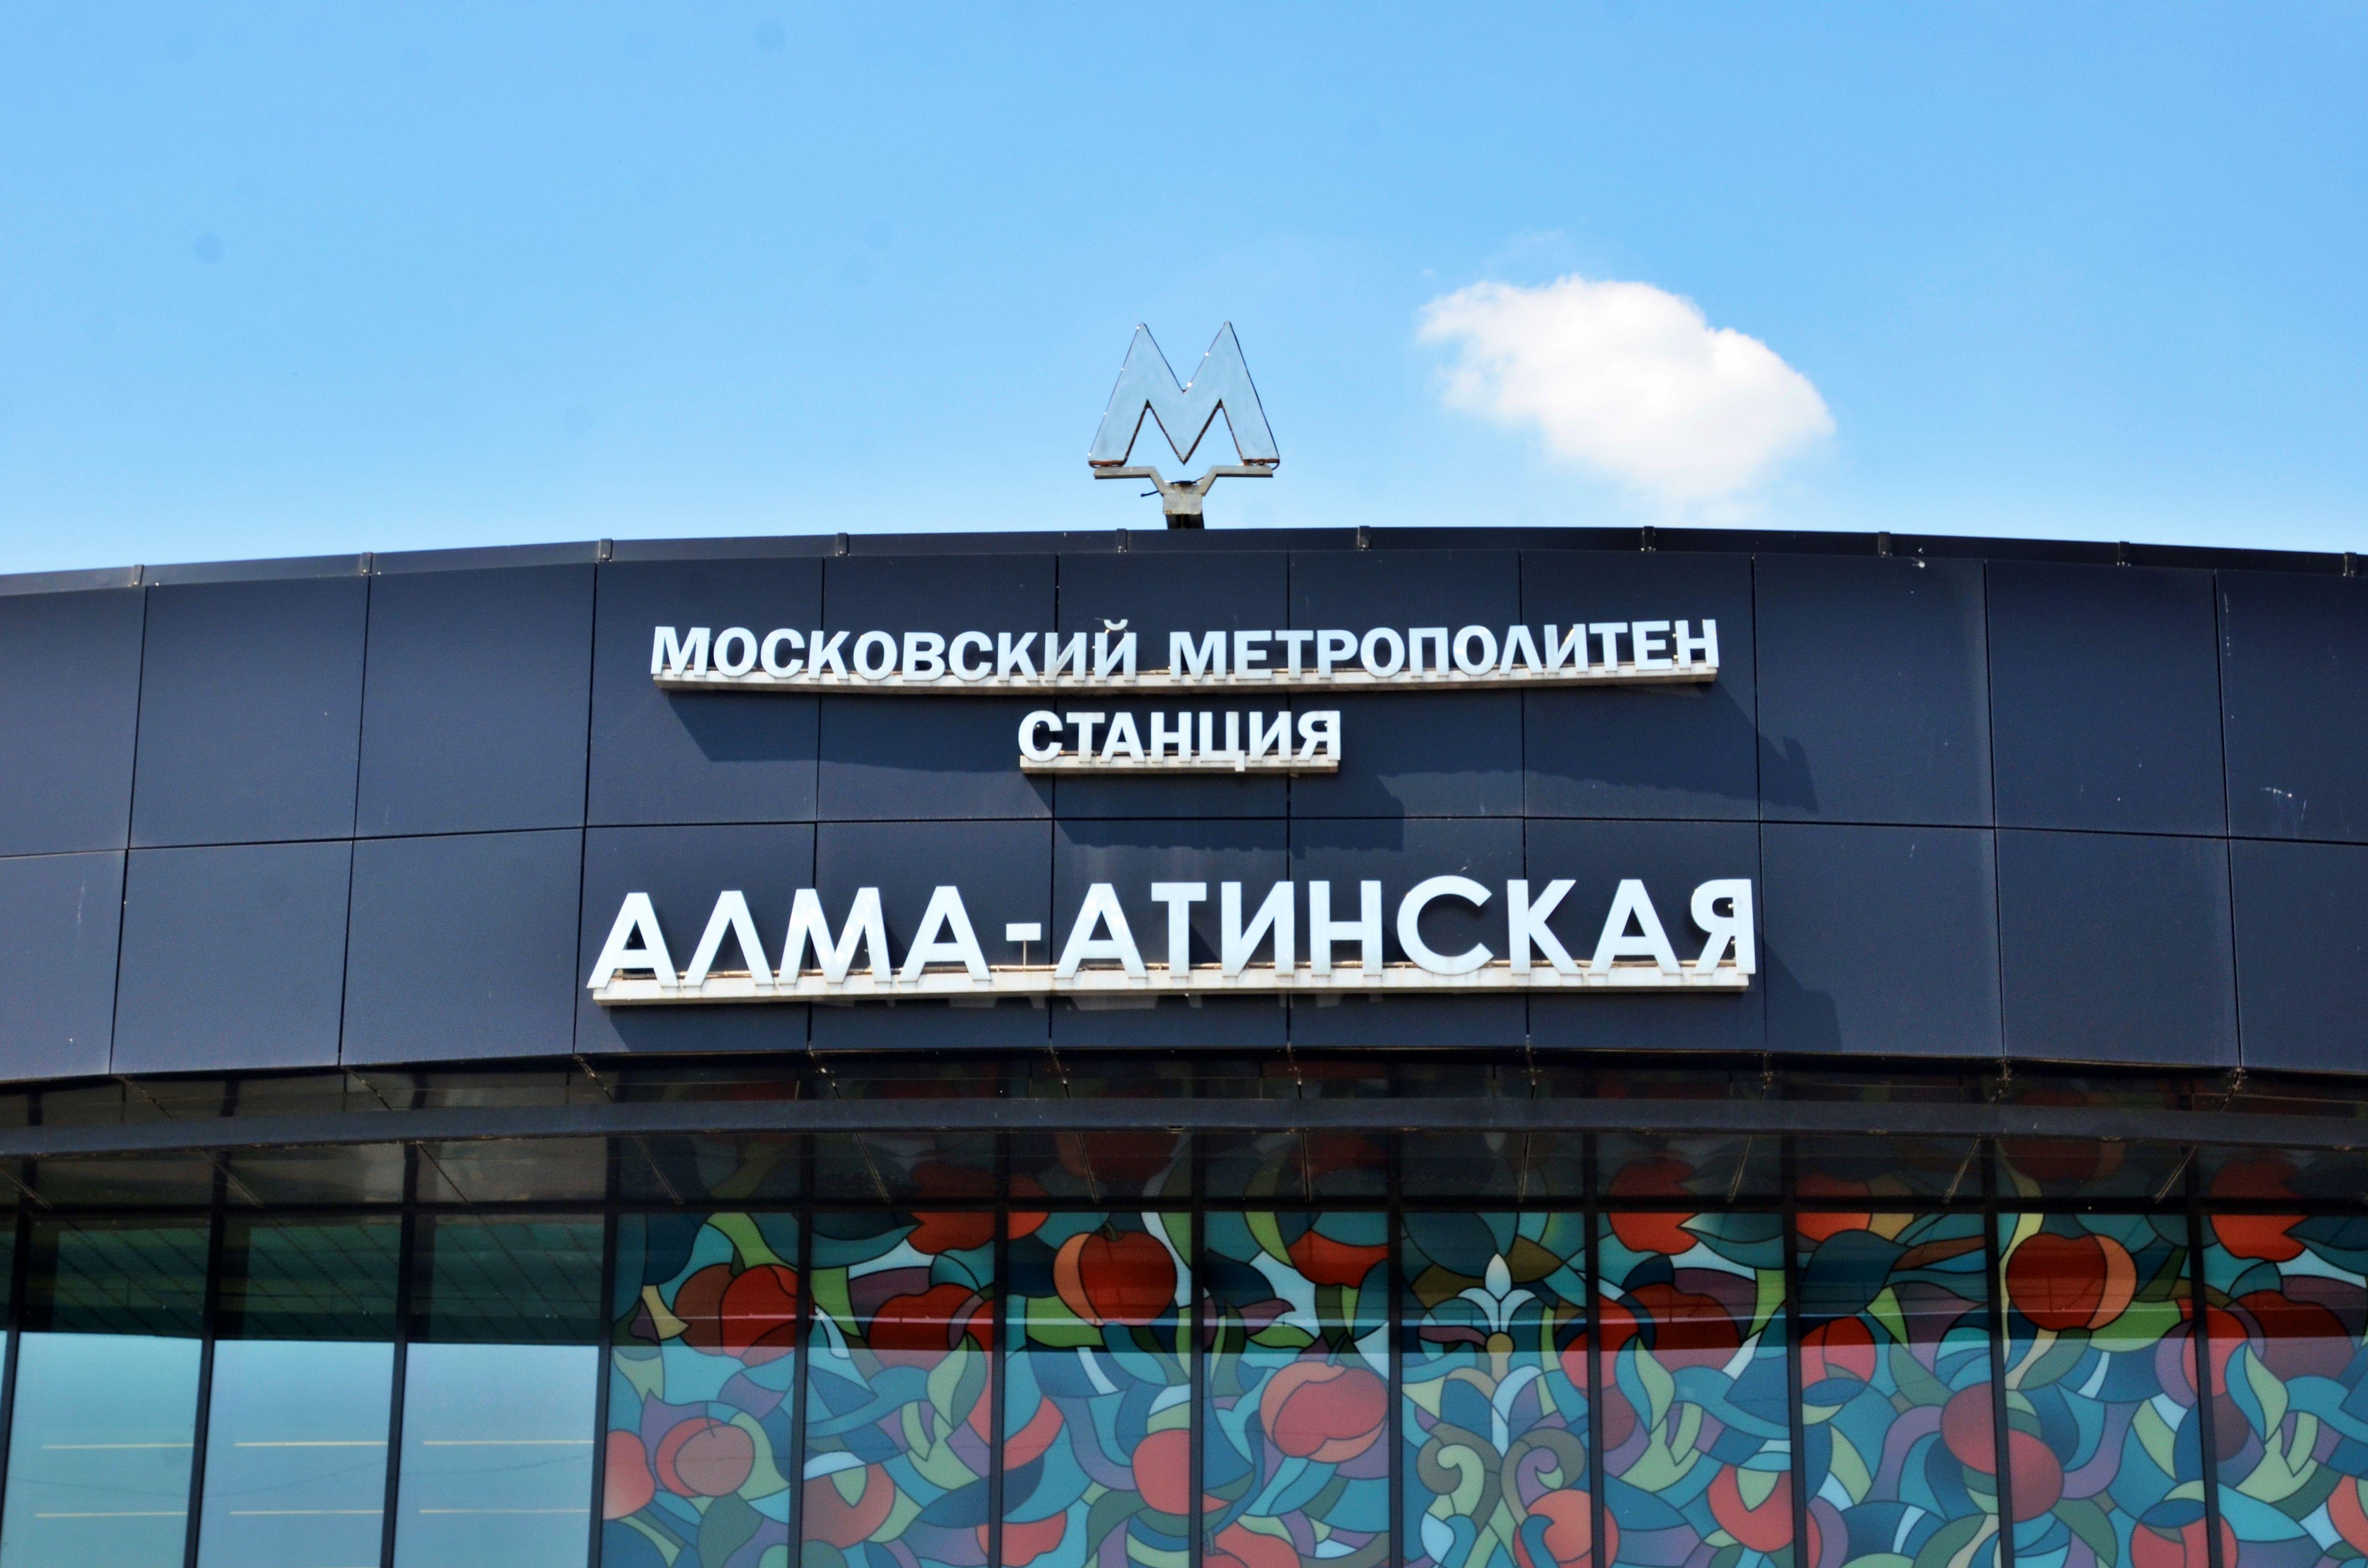 Ранее закрытый вестибюль «Алма-Атинской» возобновил работу